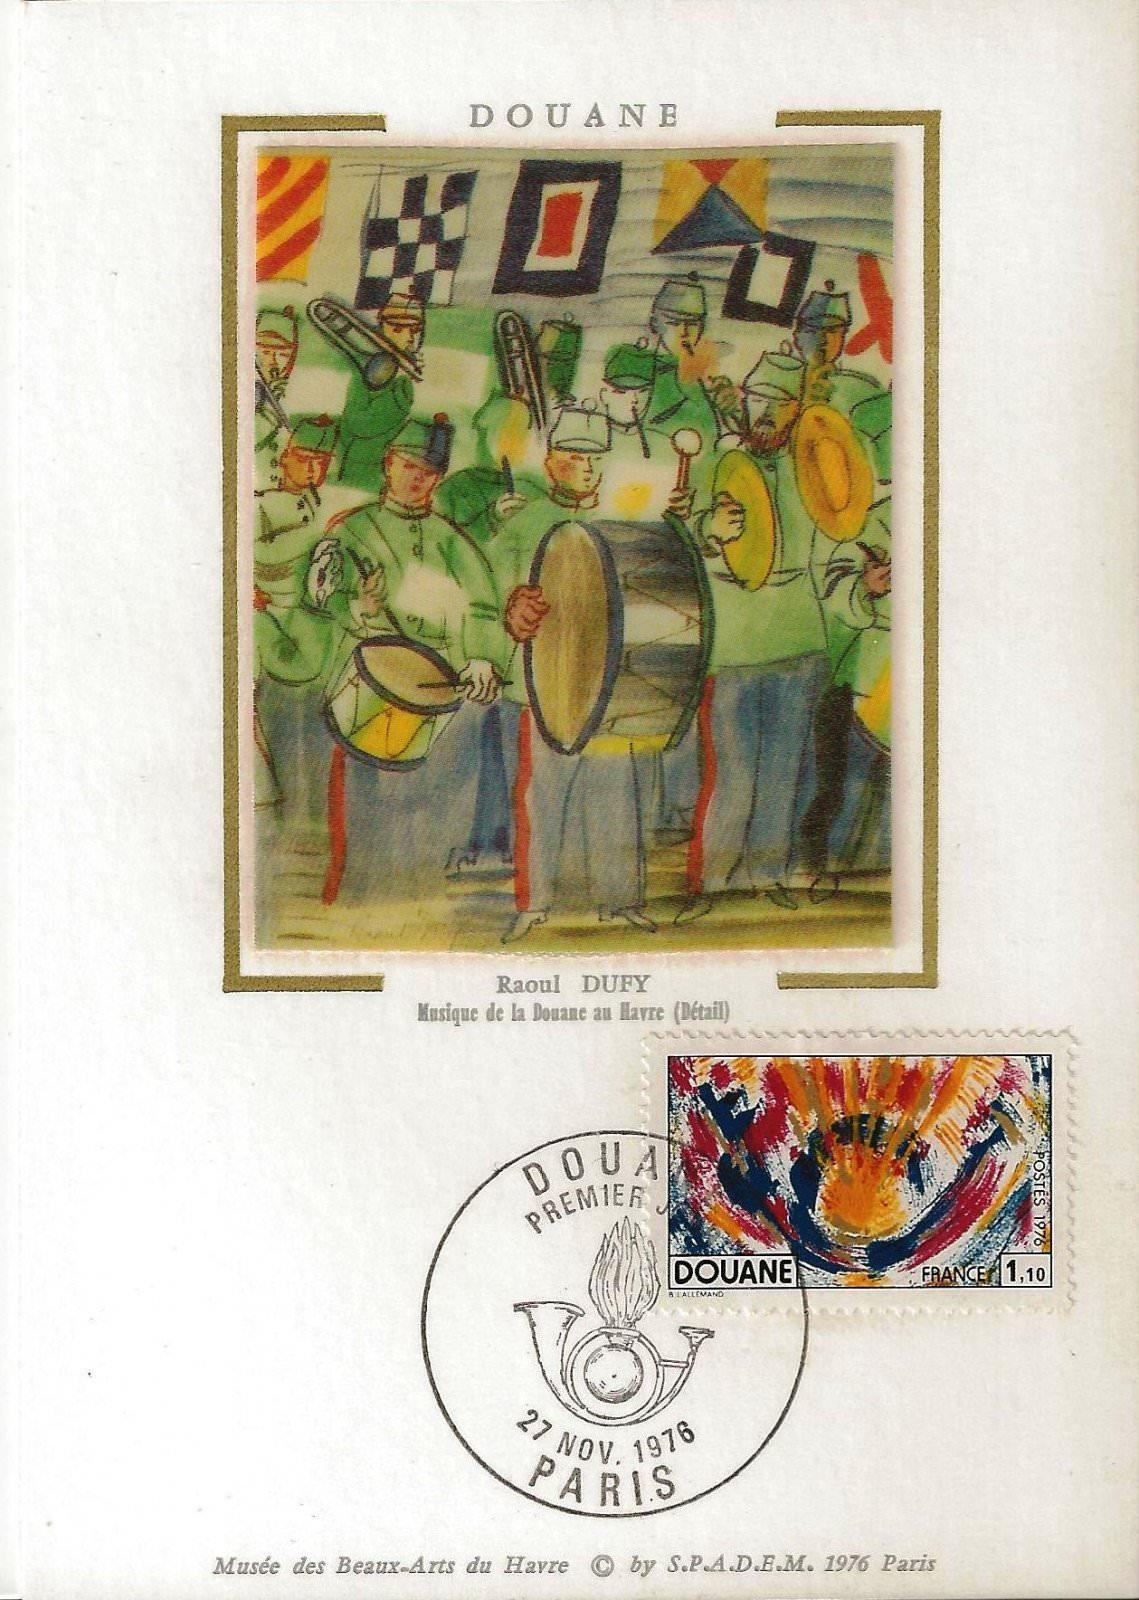 1976 DOUANE